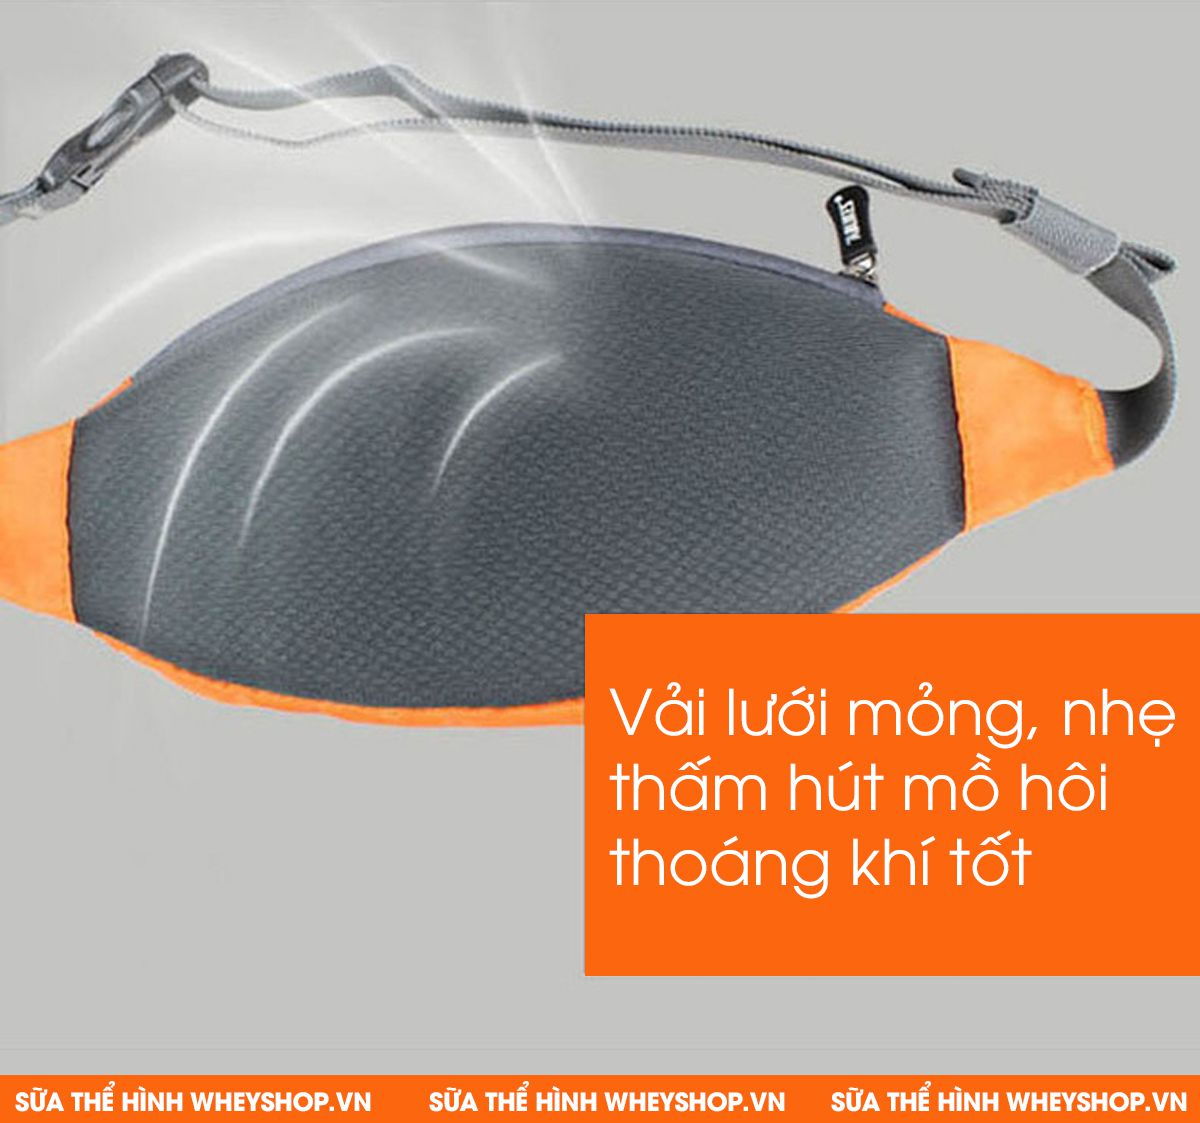 Túi đeo hông chạy bộ Aolikes YE-3310 là phụ kiện đựng đồ, hỗ trợ người chạy bộ chơi thể thao cao cấp. Sản phẩm nhập khẩu chính hãng, giá rẻ nhất tại Hà Nội...